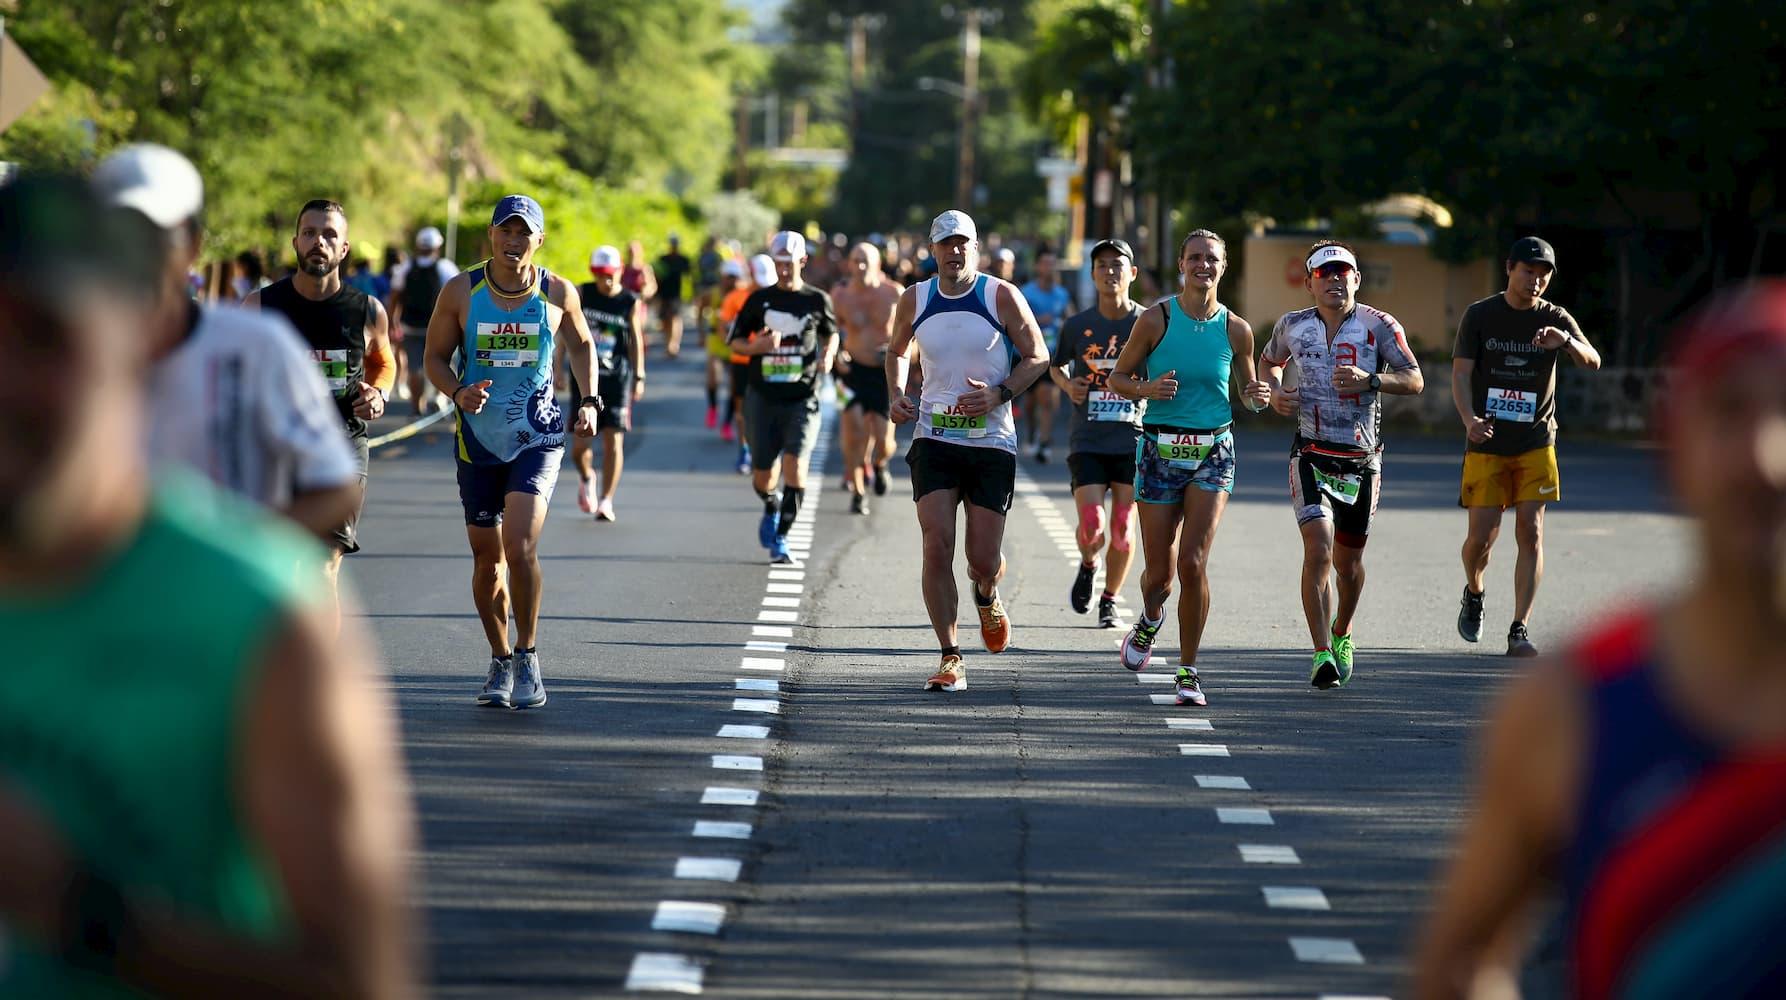 Um ultramaratonista vomitou tão forte que saiu um pedaço do esôfago dele